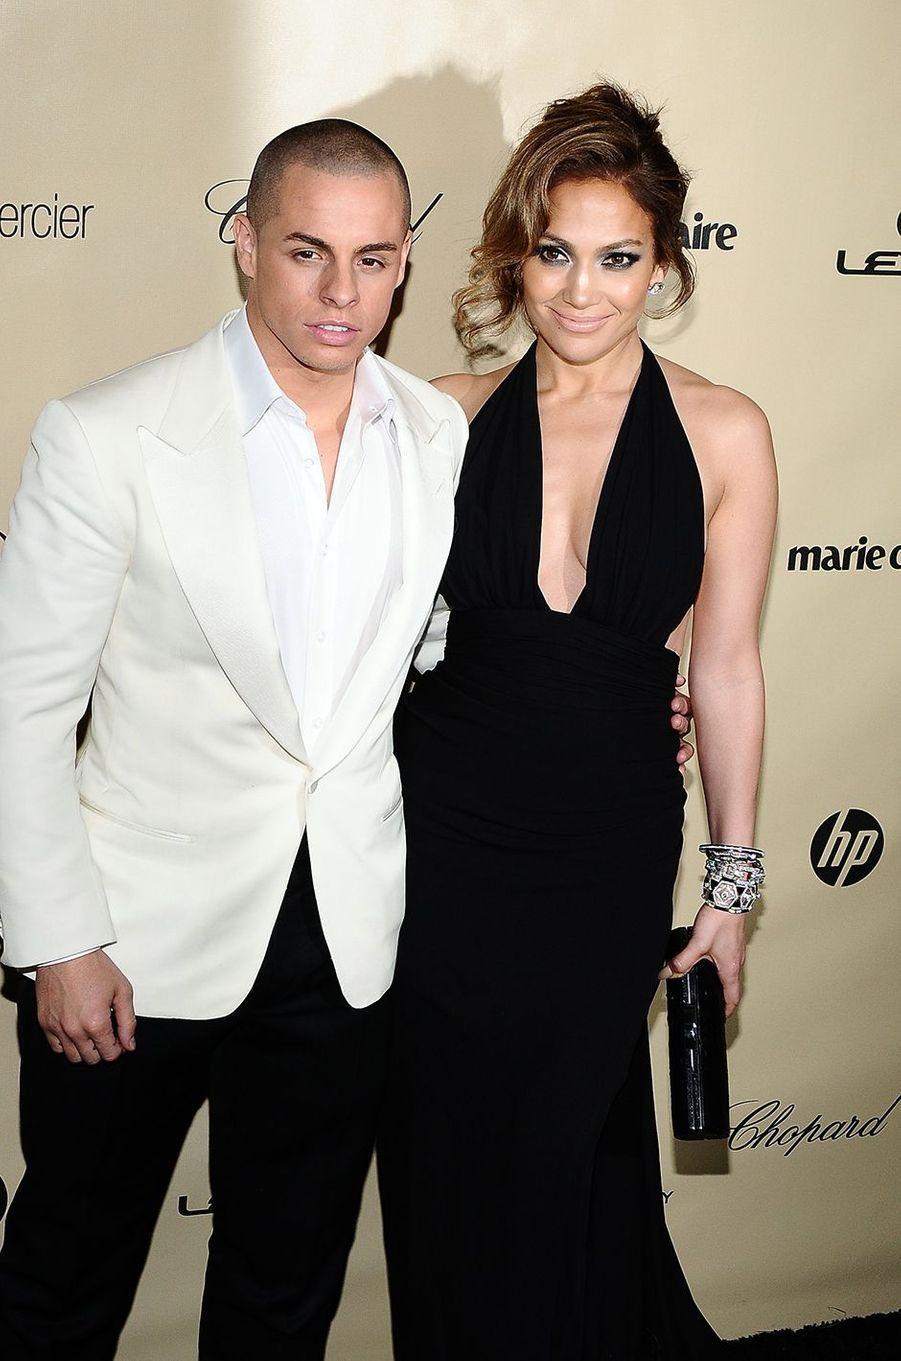 Casper Smart et Jennifer Lopez lors d'une soirée organisée en marge des Golden Globes à Beverly Hills en janvier 2013. Le duo s'est fréquenté entre 2011 et 2016.